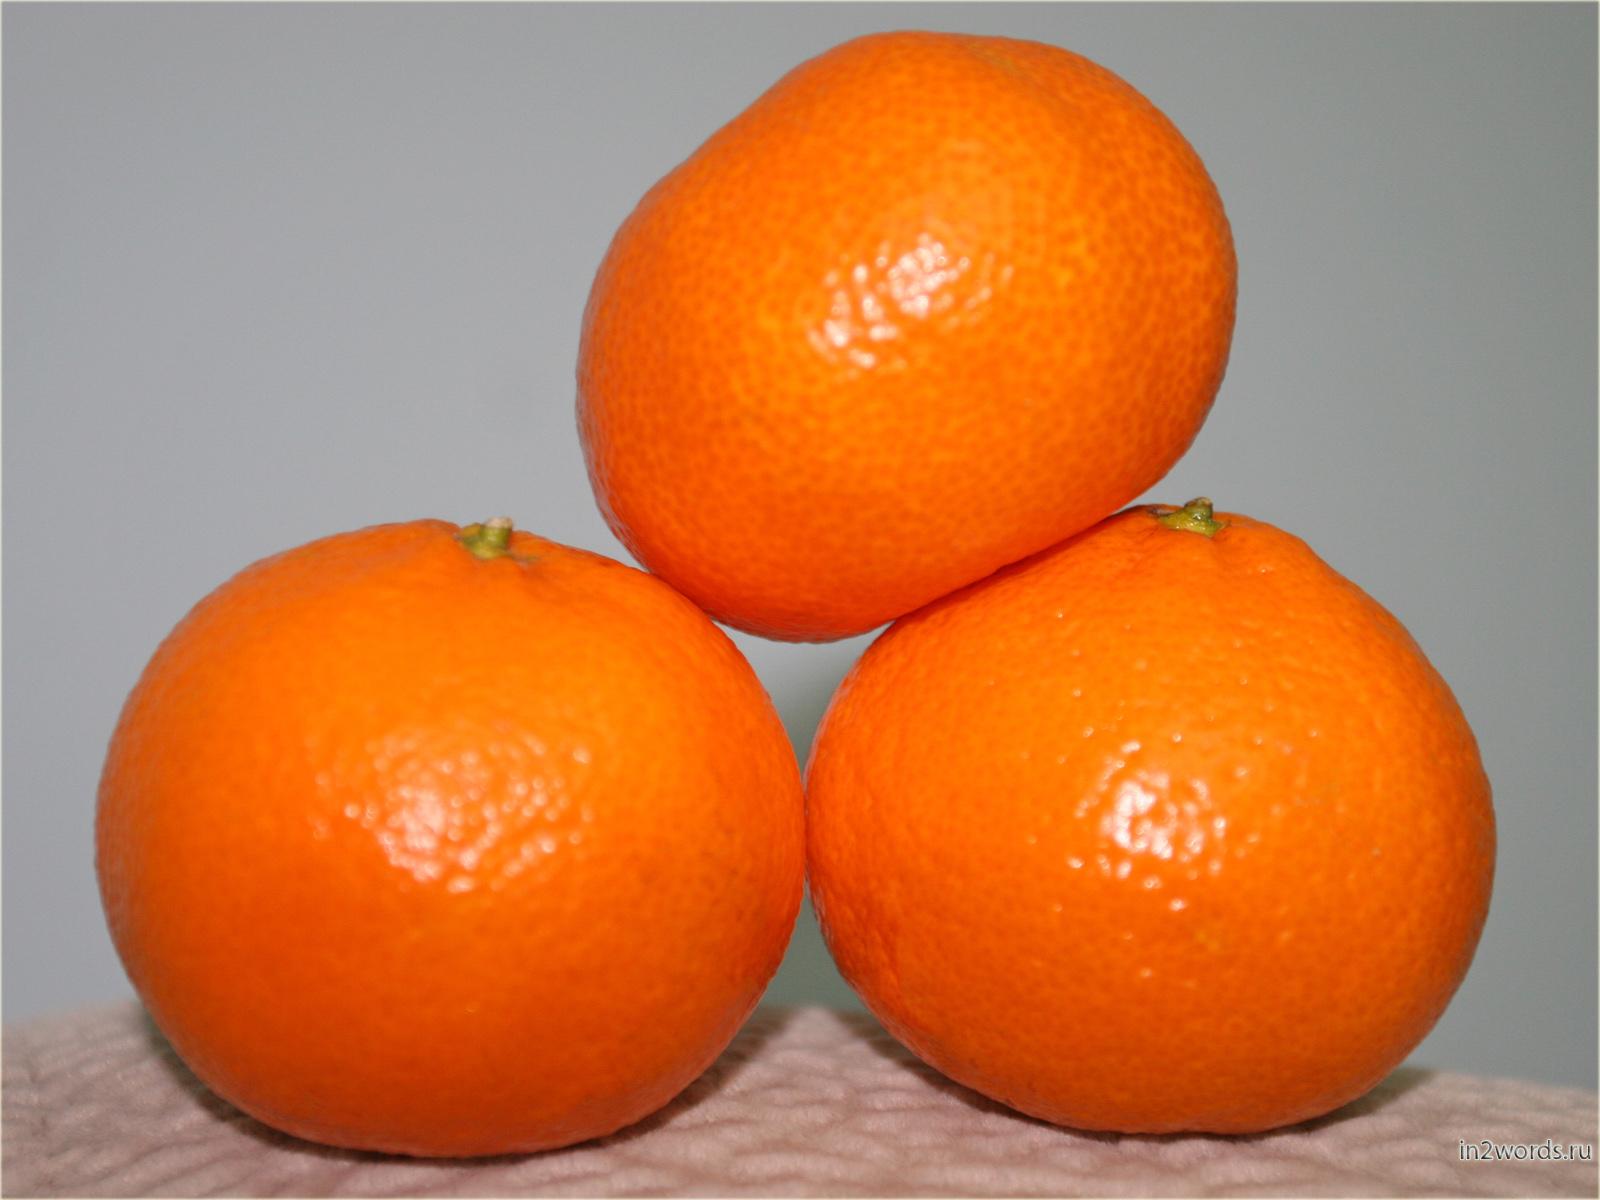 Предновогодние мандарины. HD обои на рабочий стол.